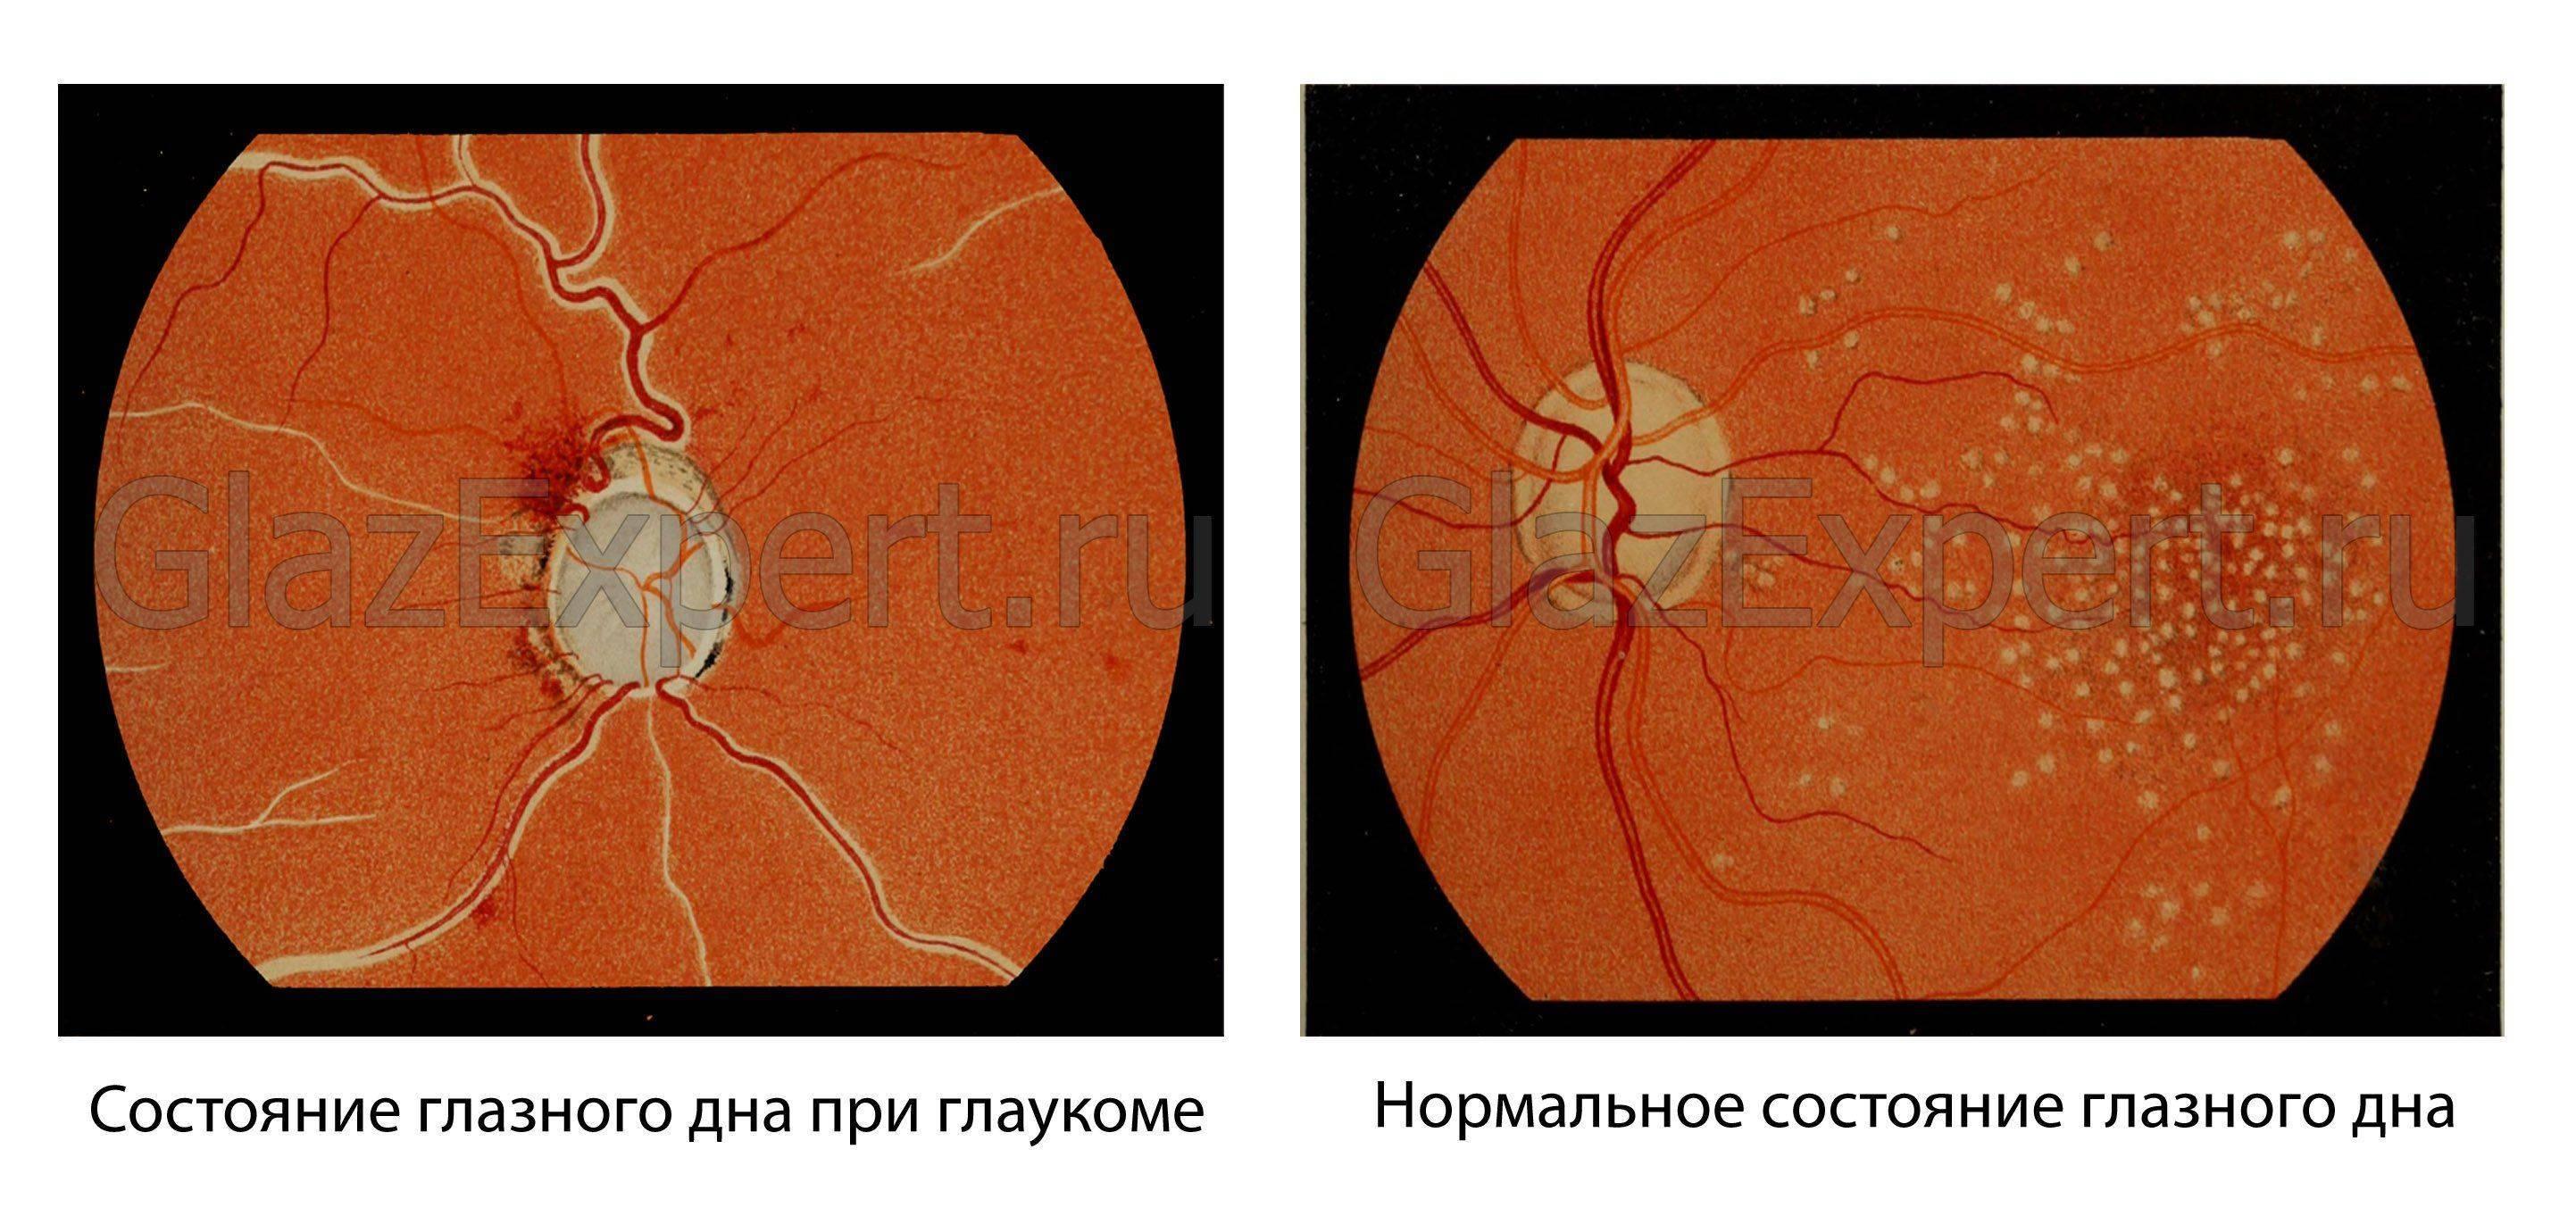 Глазное дно у здорового человека и больного глаукомой